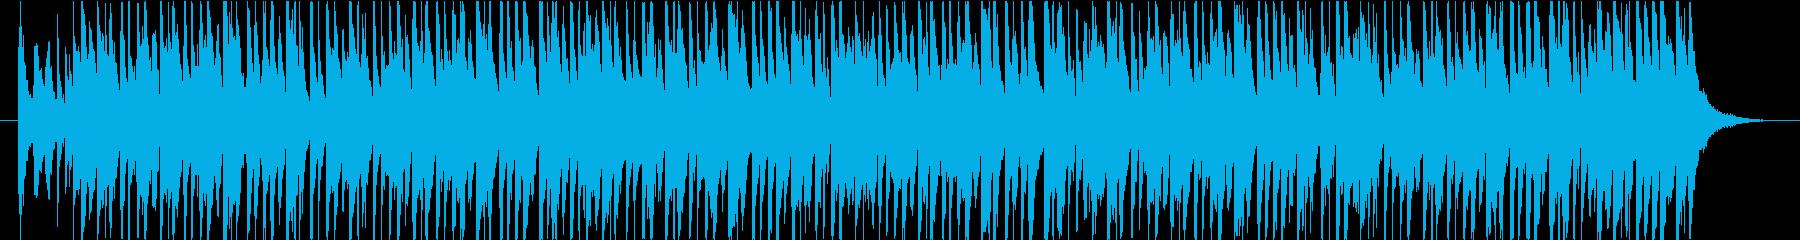 管楽器をメインとした軽快な可愛いPOPSの再生済みの波形